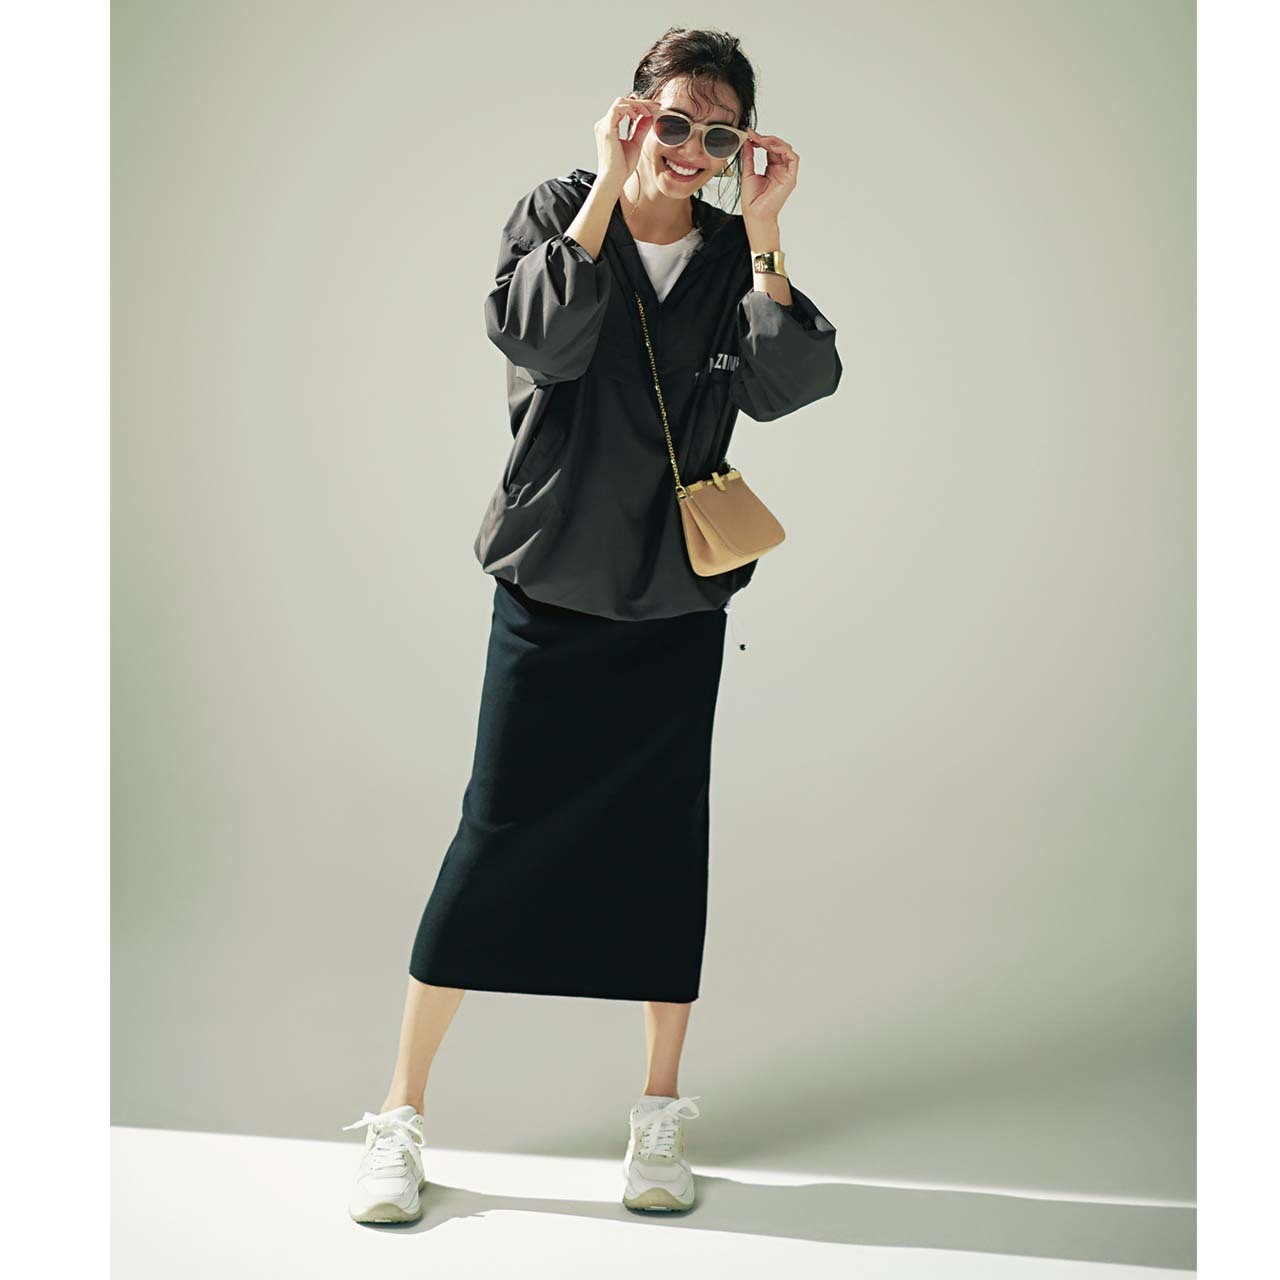 グレーのブルゾン×黒のタイトスカートのモノトーンコーデ